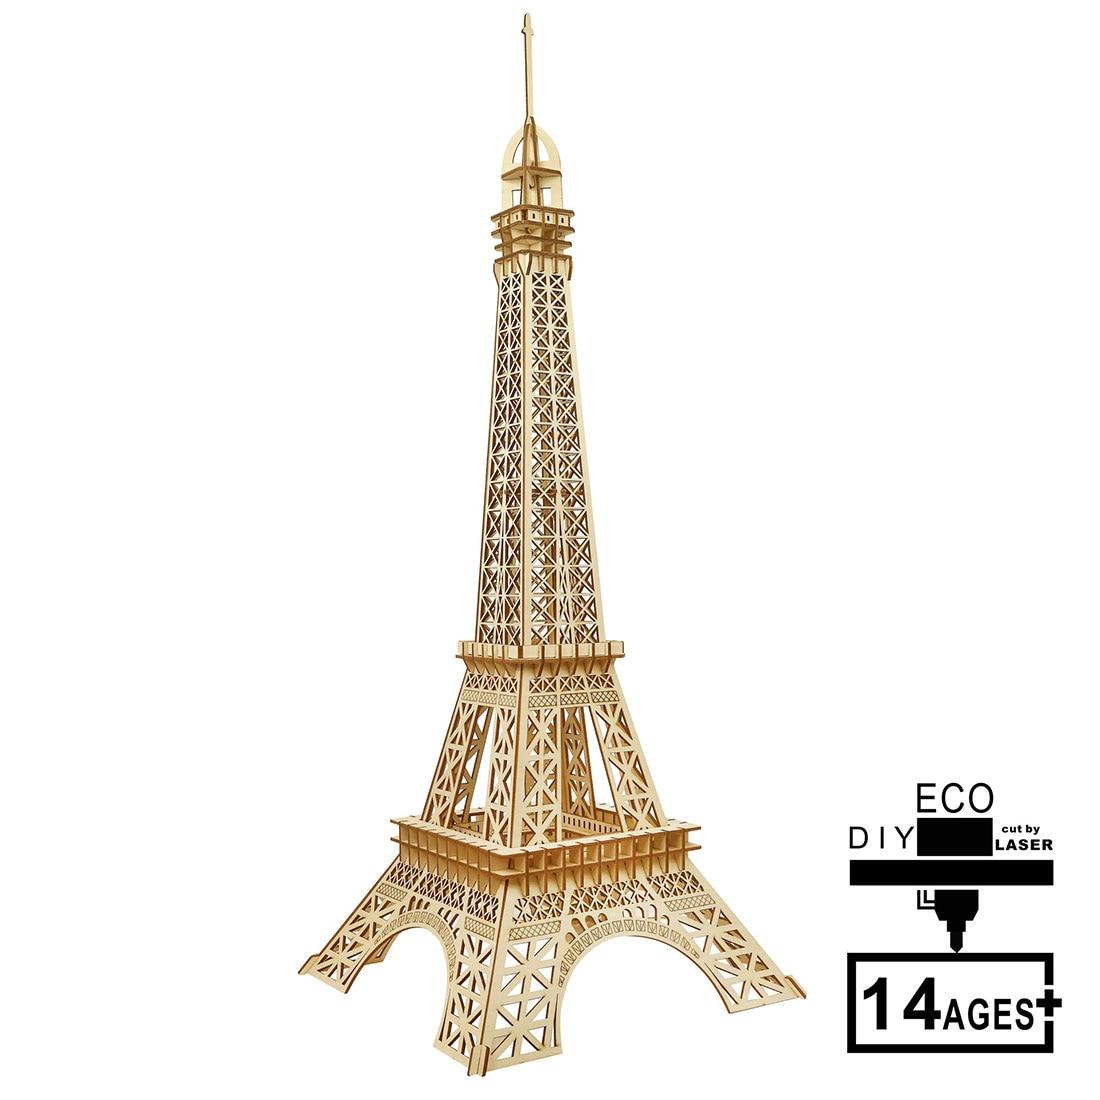 DIY rompecabezas de Torre Eiffel 3D de madera 105 Uds., conjunto de construcción, artesanía de madera, regalo creativo para la decoración del hogar